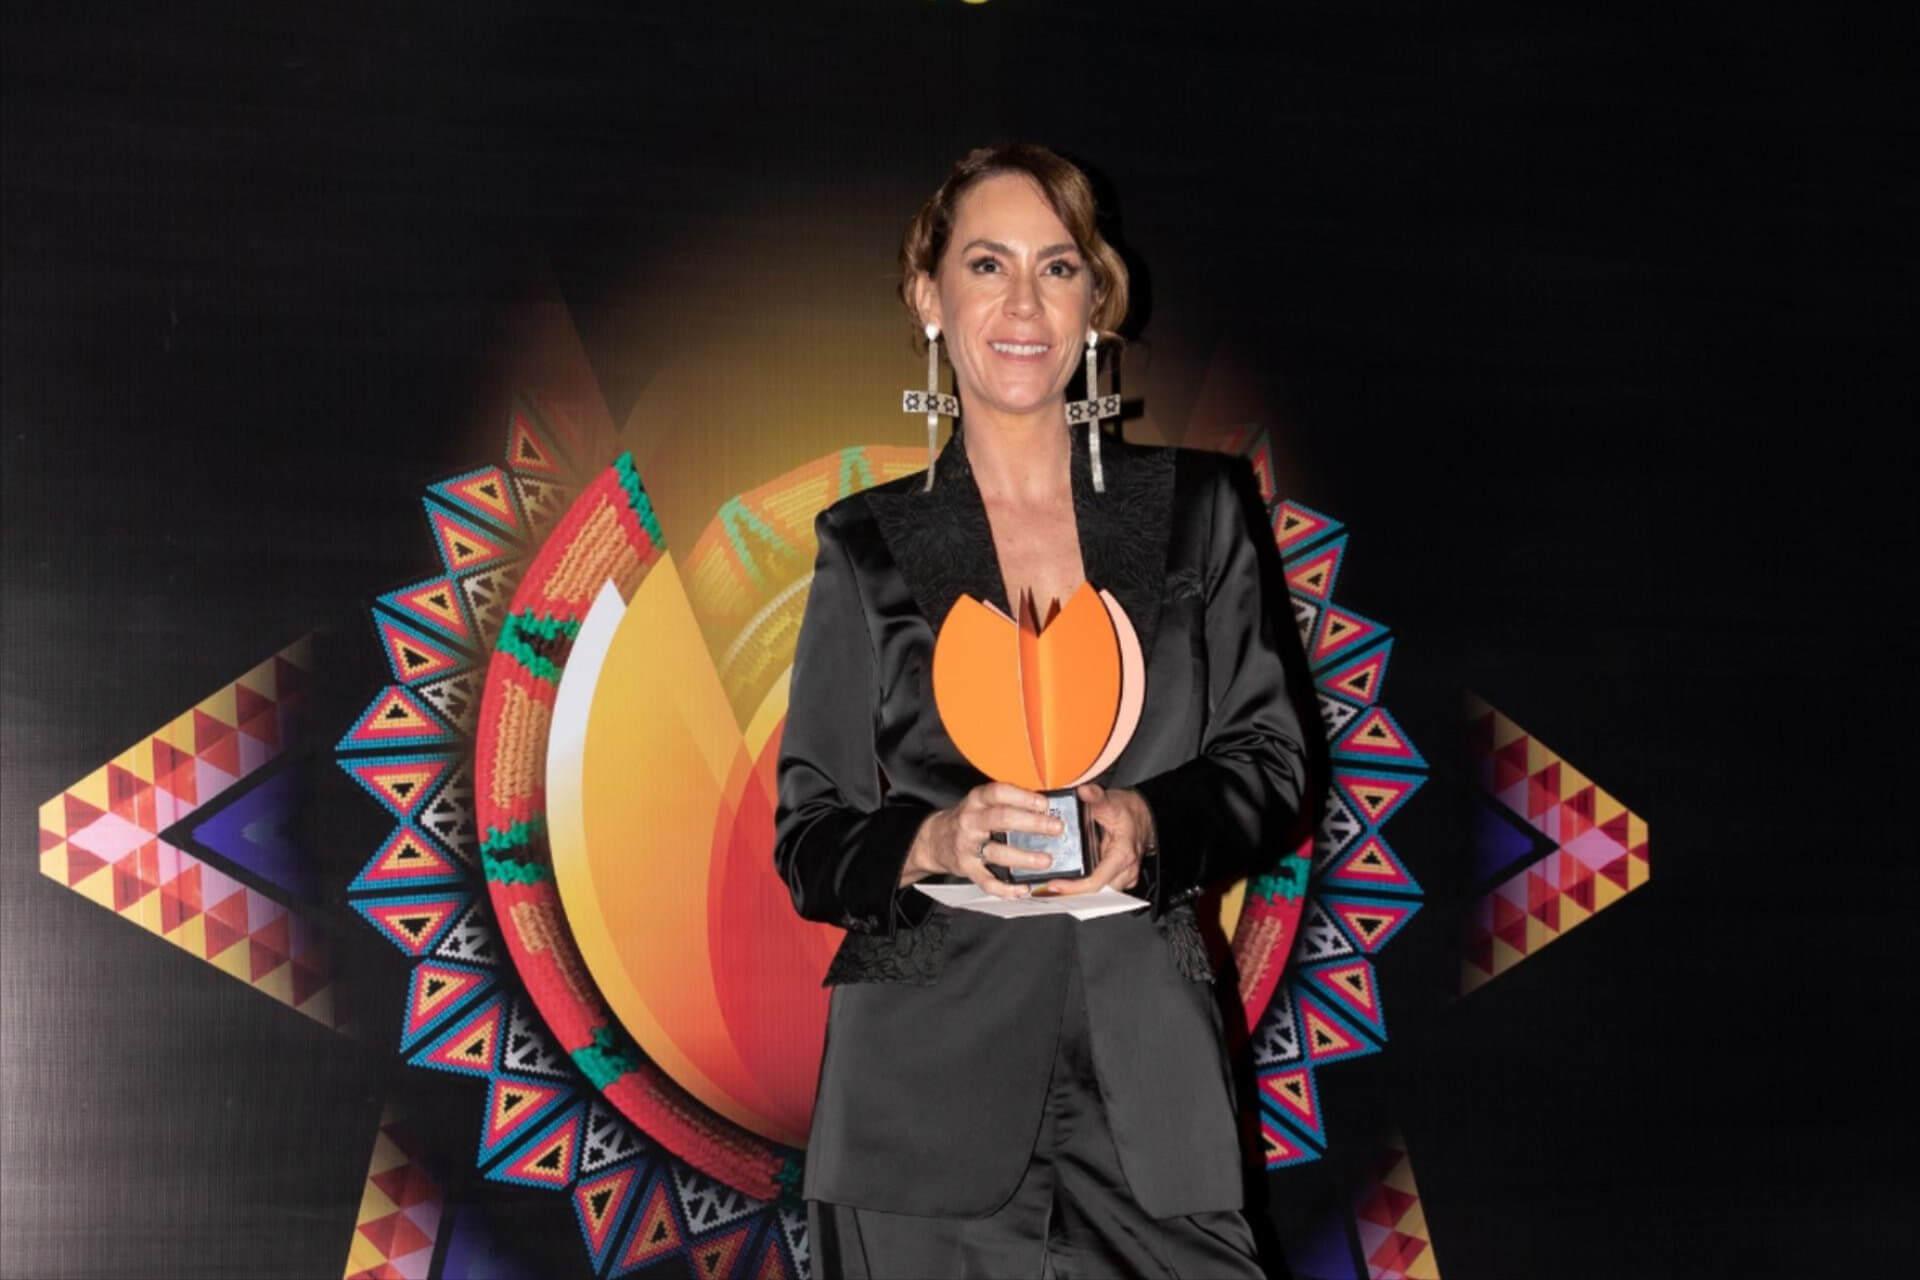 Premios Macondo 2019 abren convocatoria para recibir las mejores películas colombianas